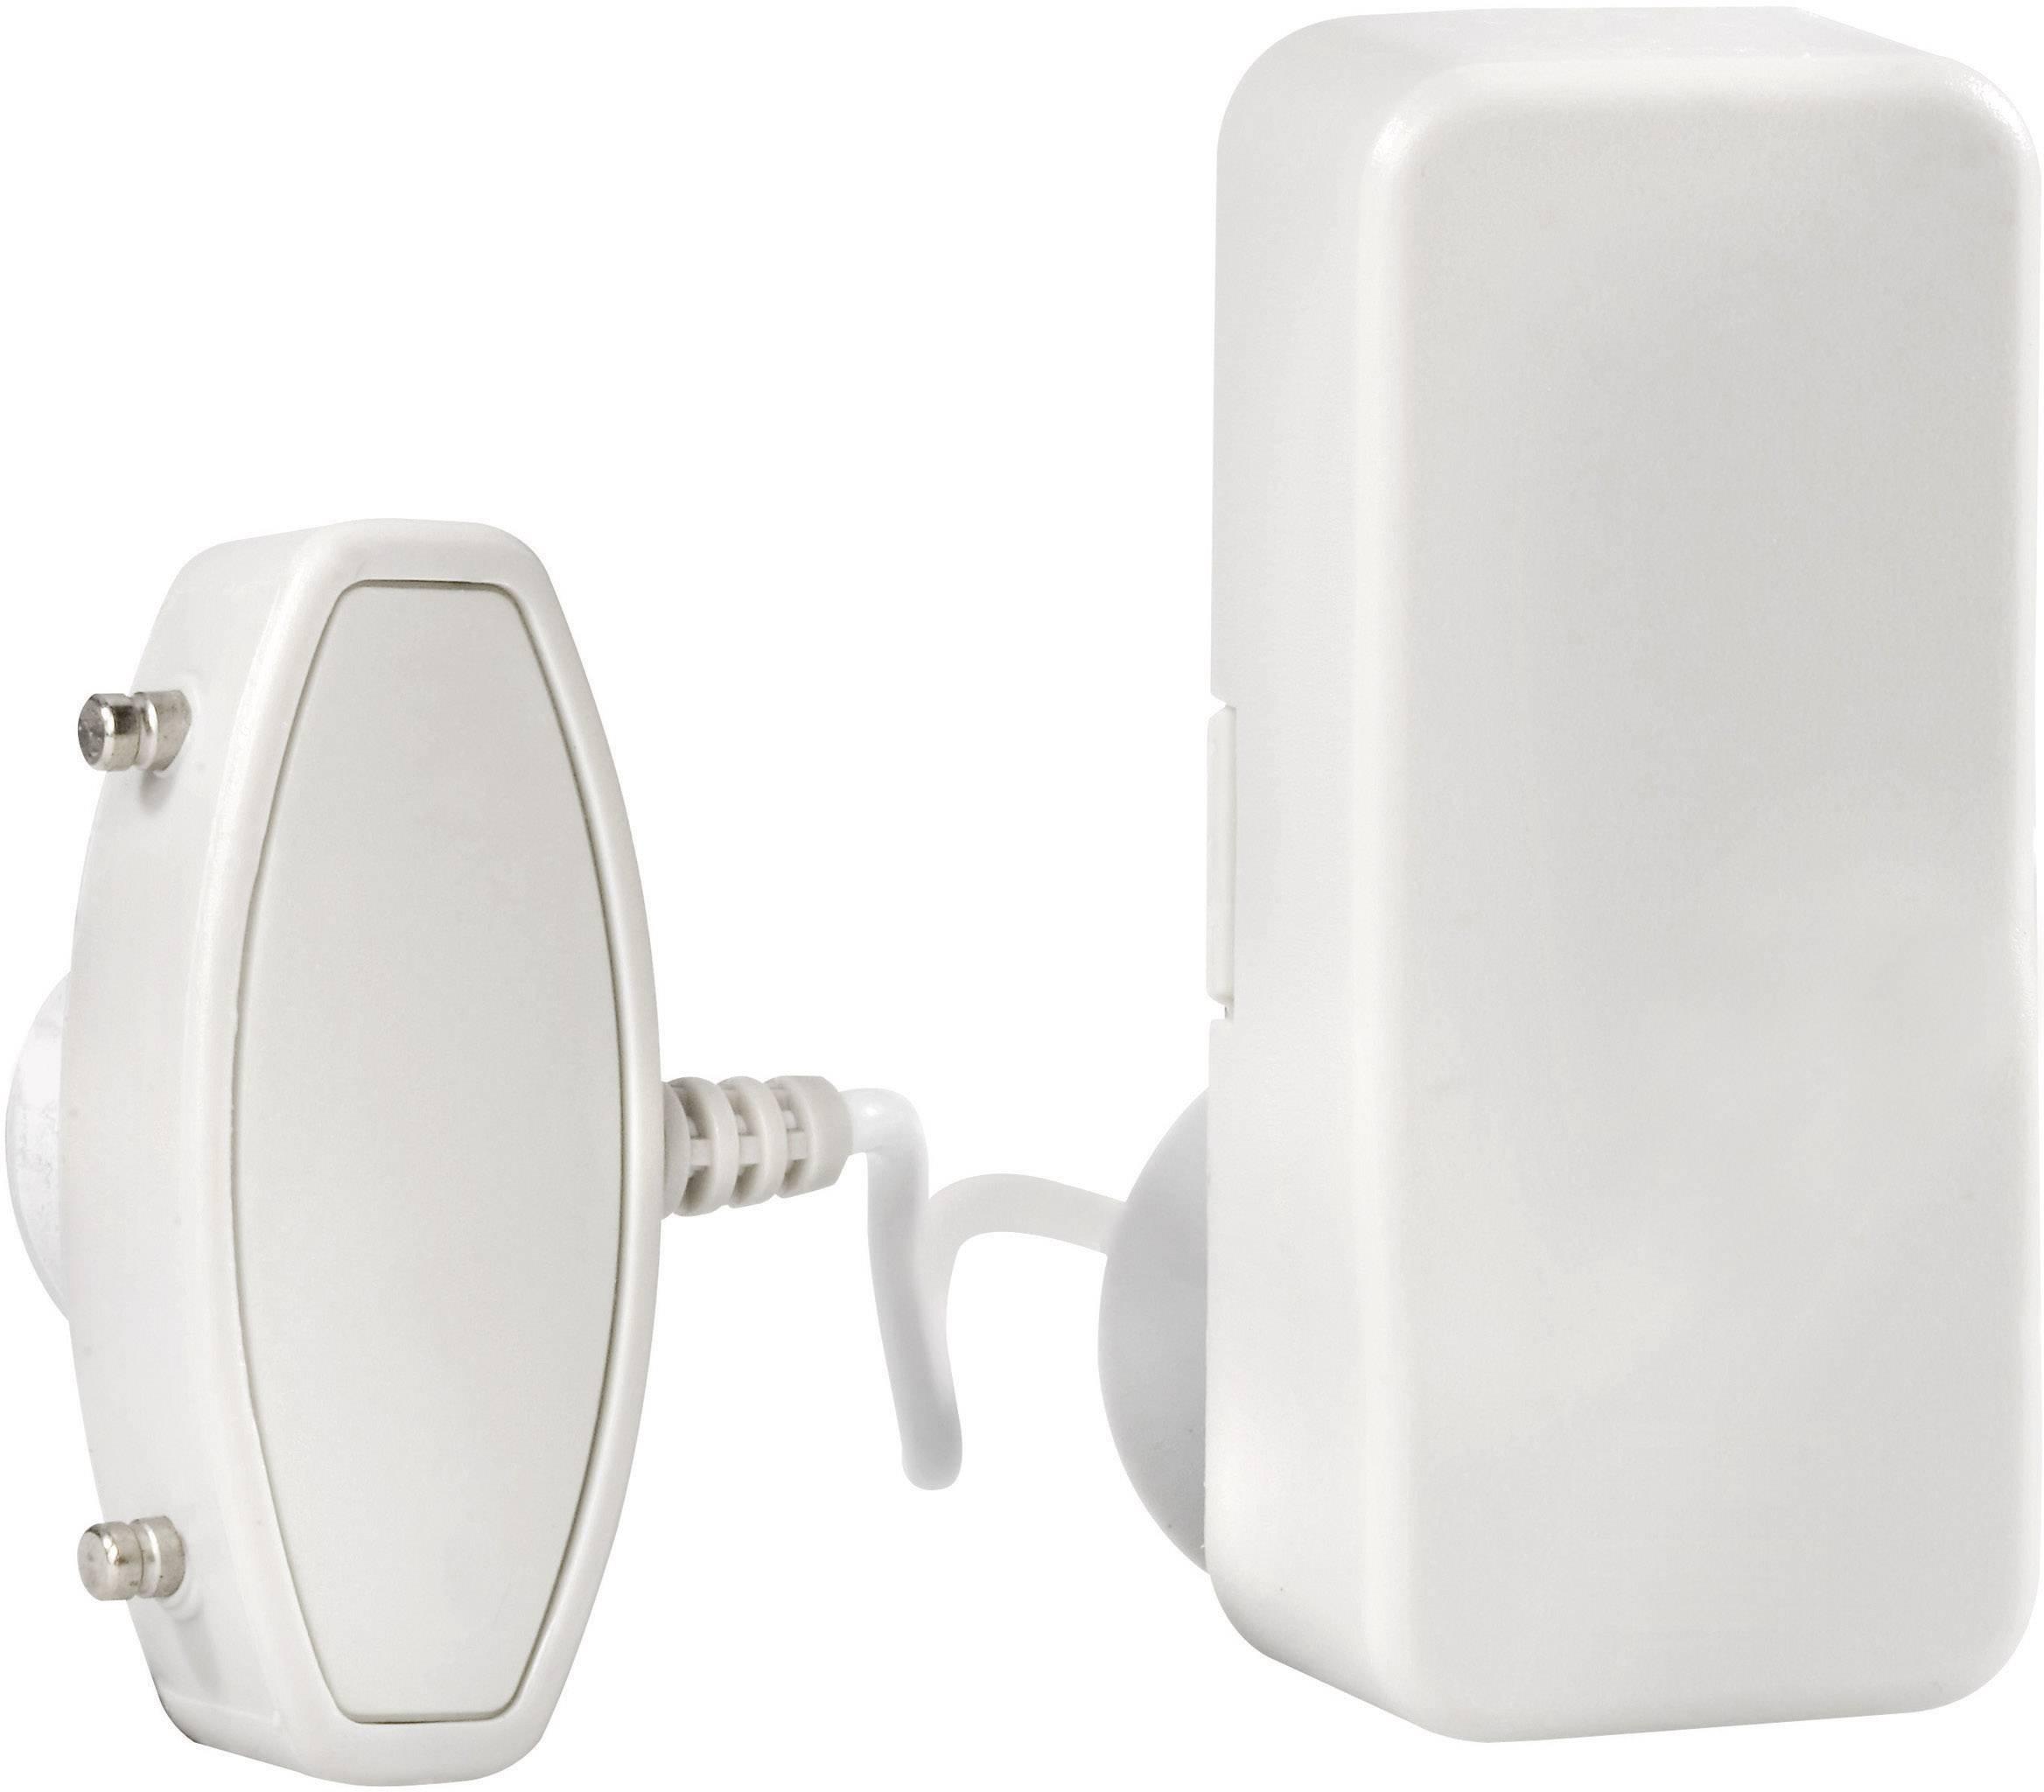 Bezdrôtový detektor úniku vody, 433.92 MHz